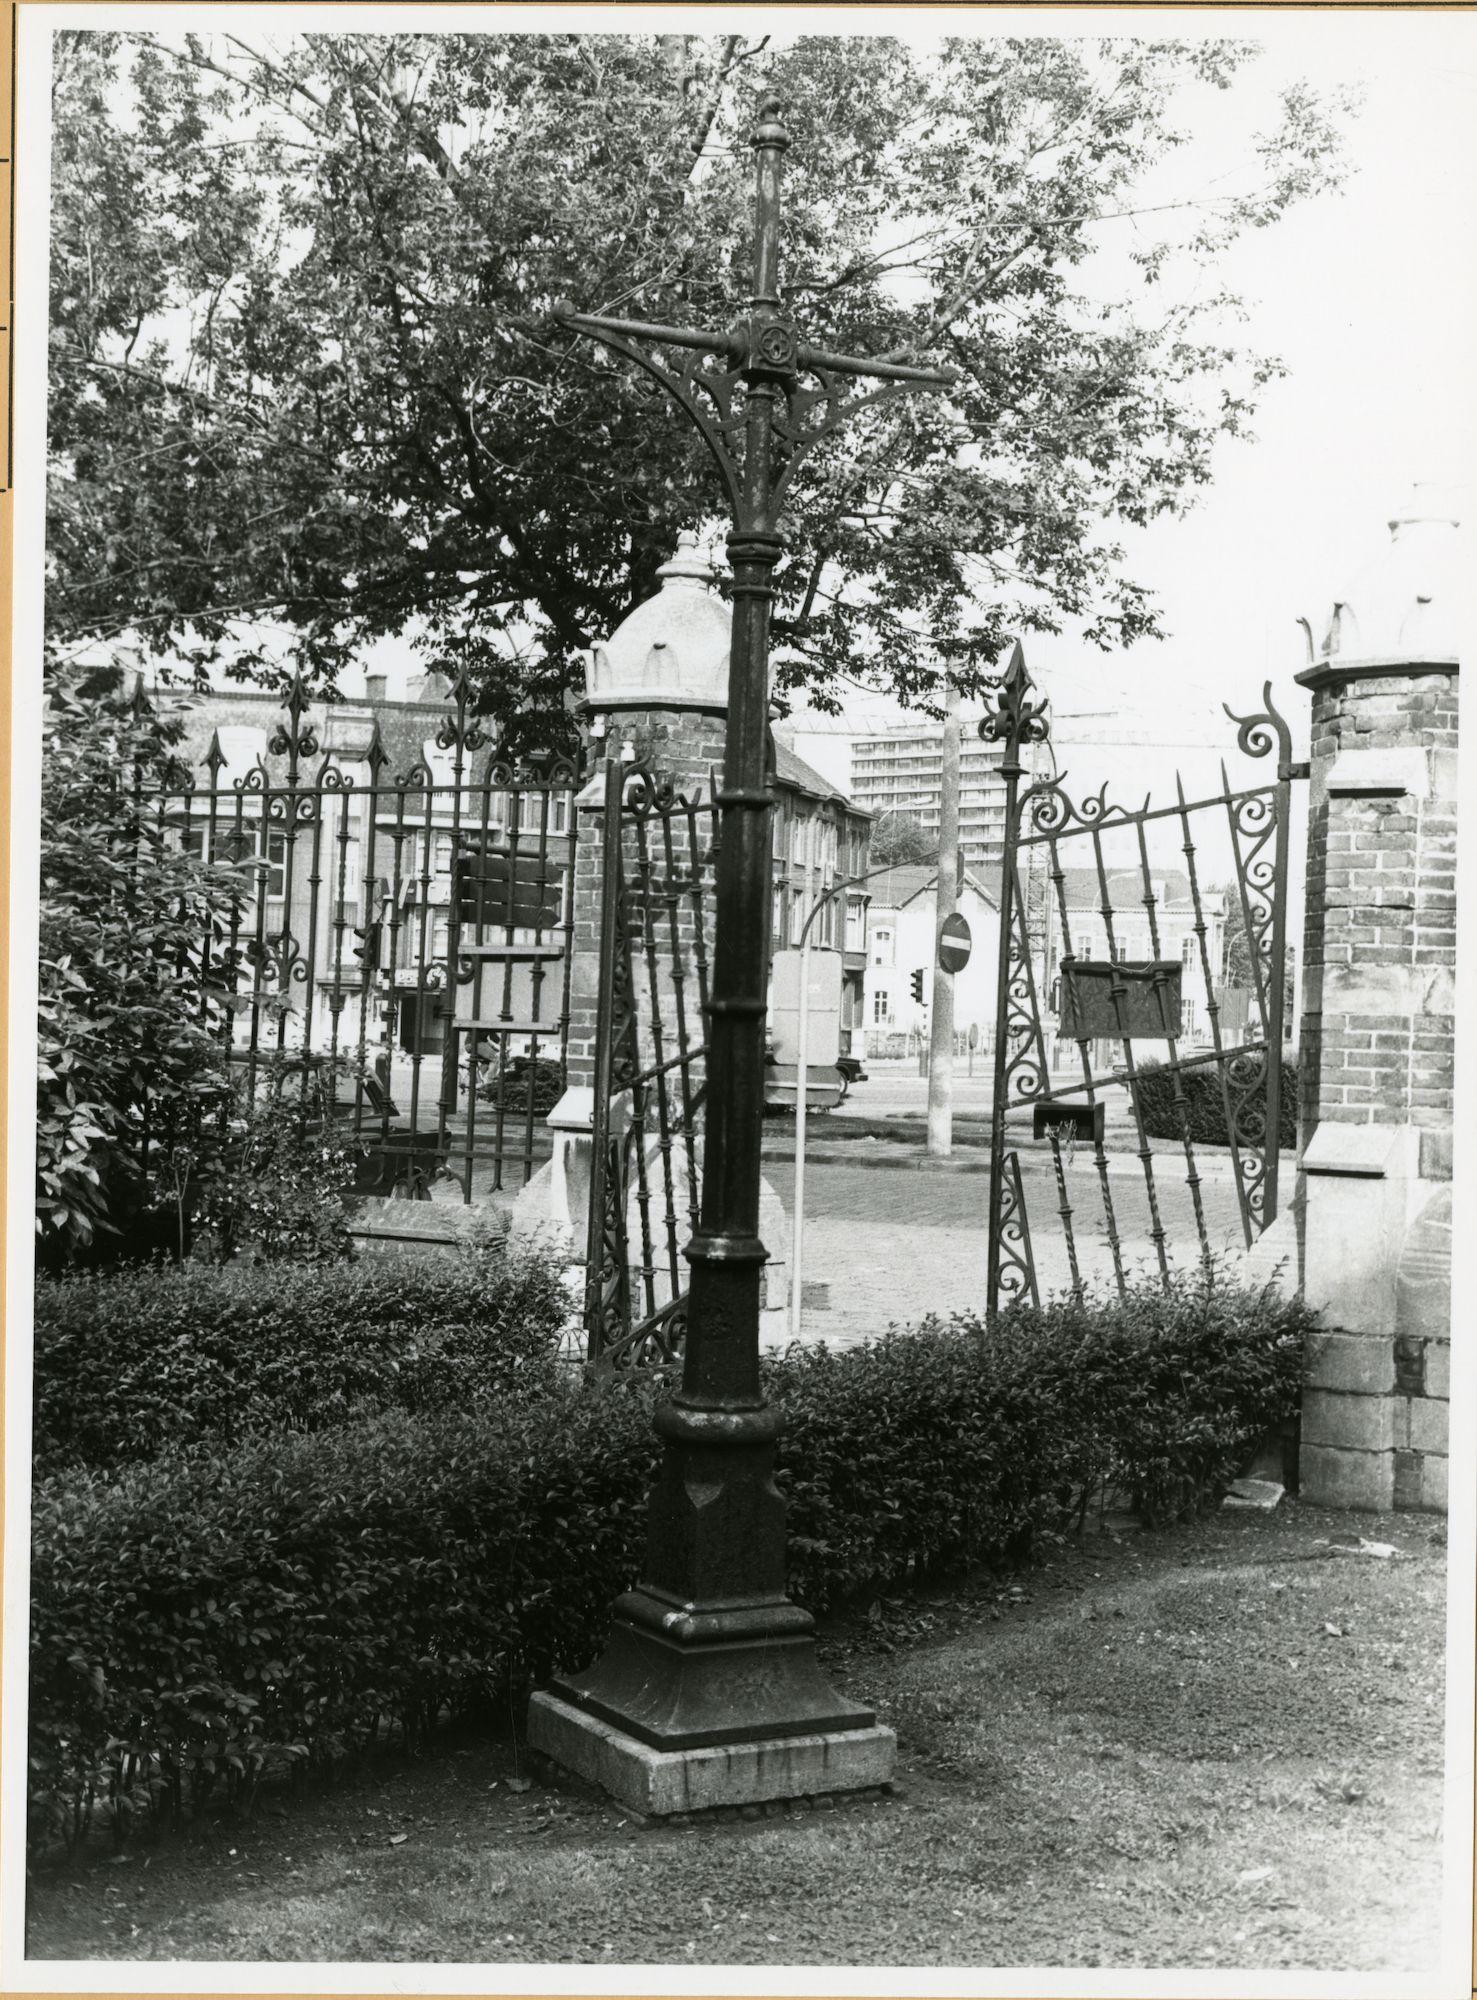 Gent: Louis Pasteurlaan: Hek, 1979